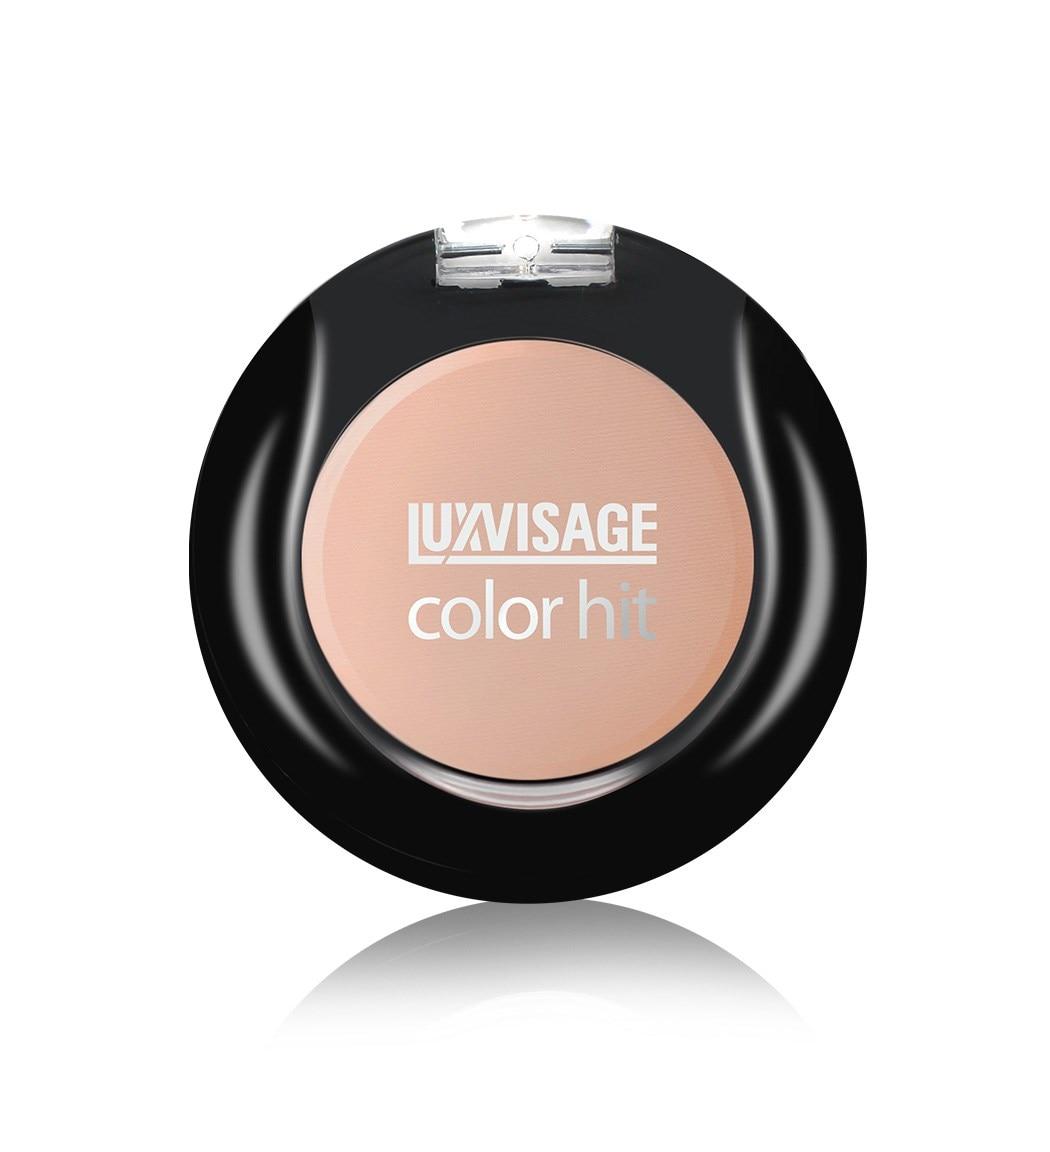 Colorete compacto luxvisage 2,5g compacto polvo de Control de aceite Mate maquillaje ajuste presionado poros polvo Mate Invisible maquillaje Natural cosméticos